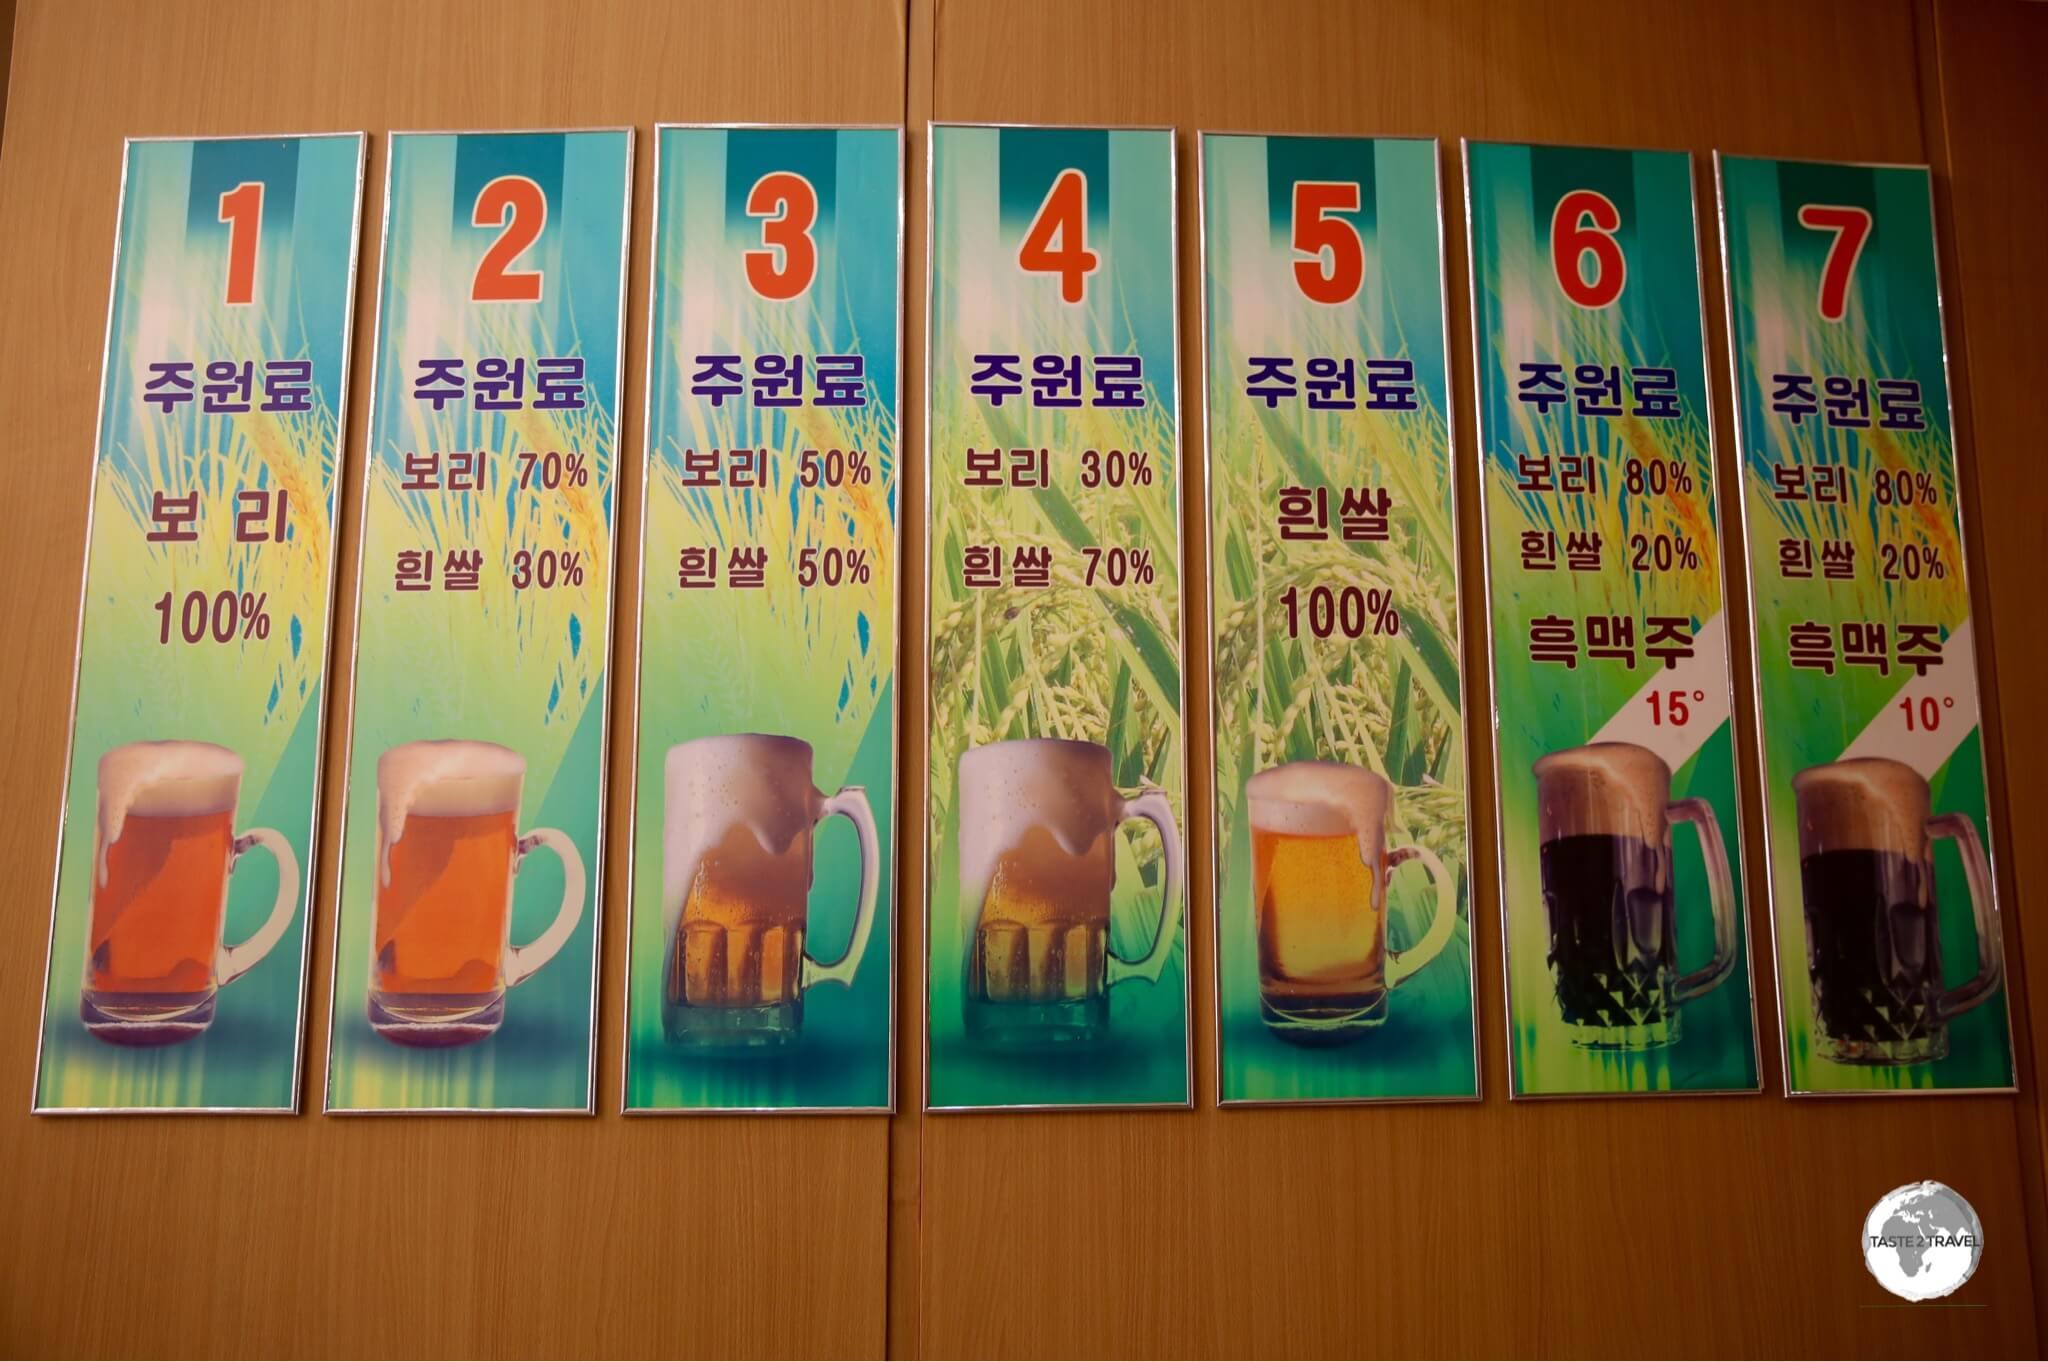 Beer selection at Taedonggang Brewery #3.